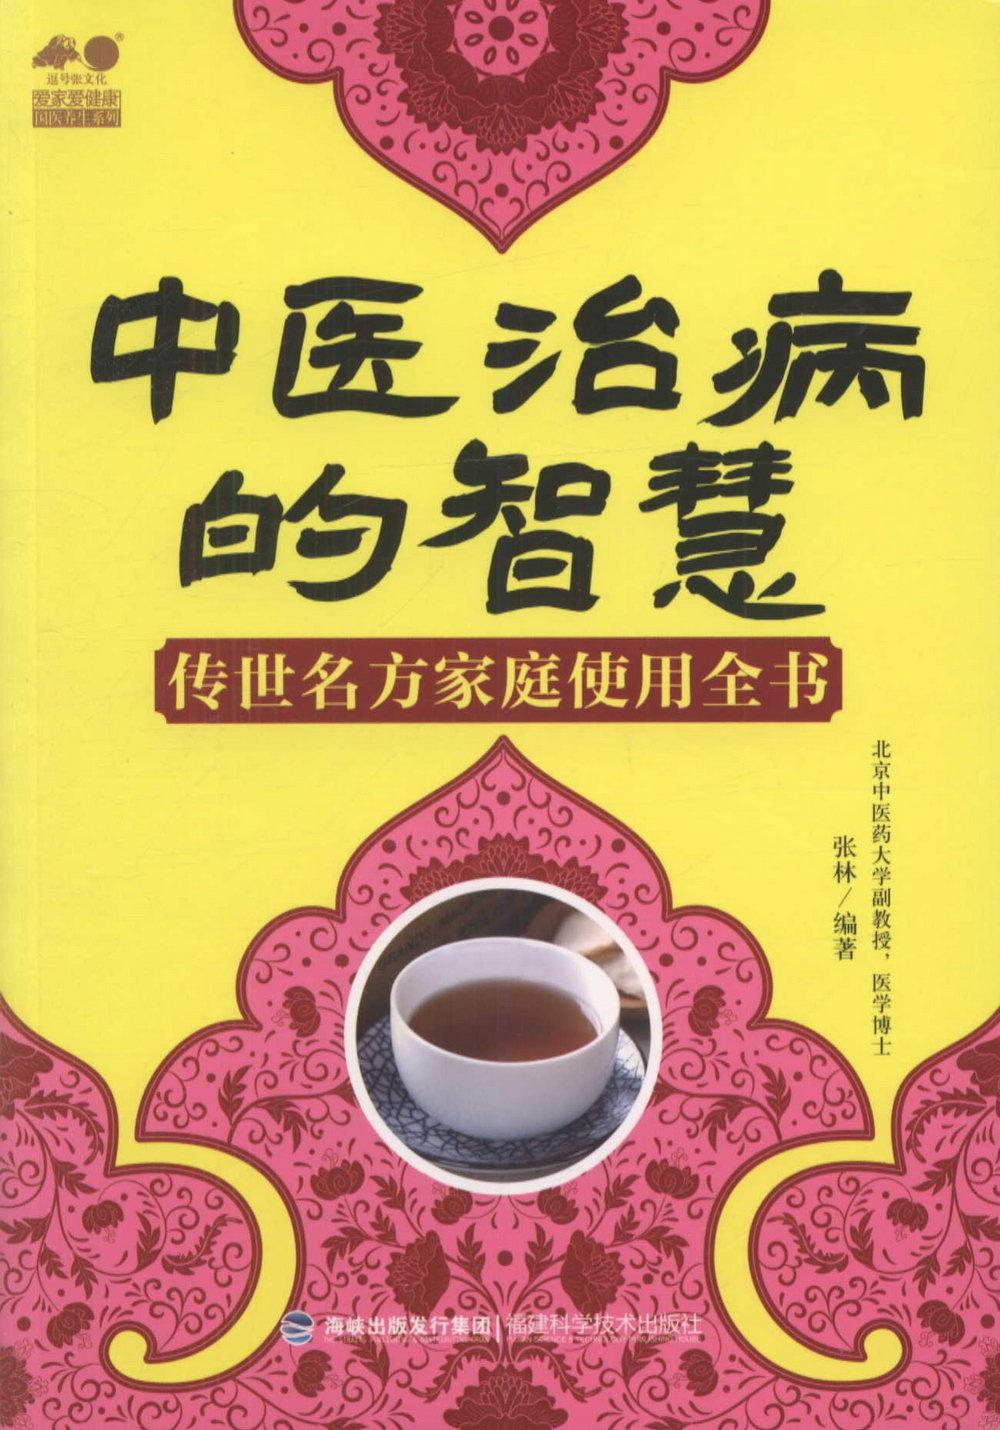 中醫治病的智慧:傳世名方家庭使用全書